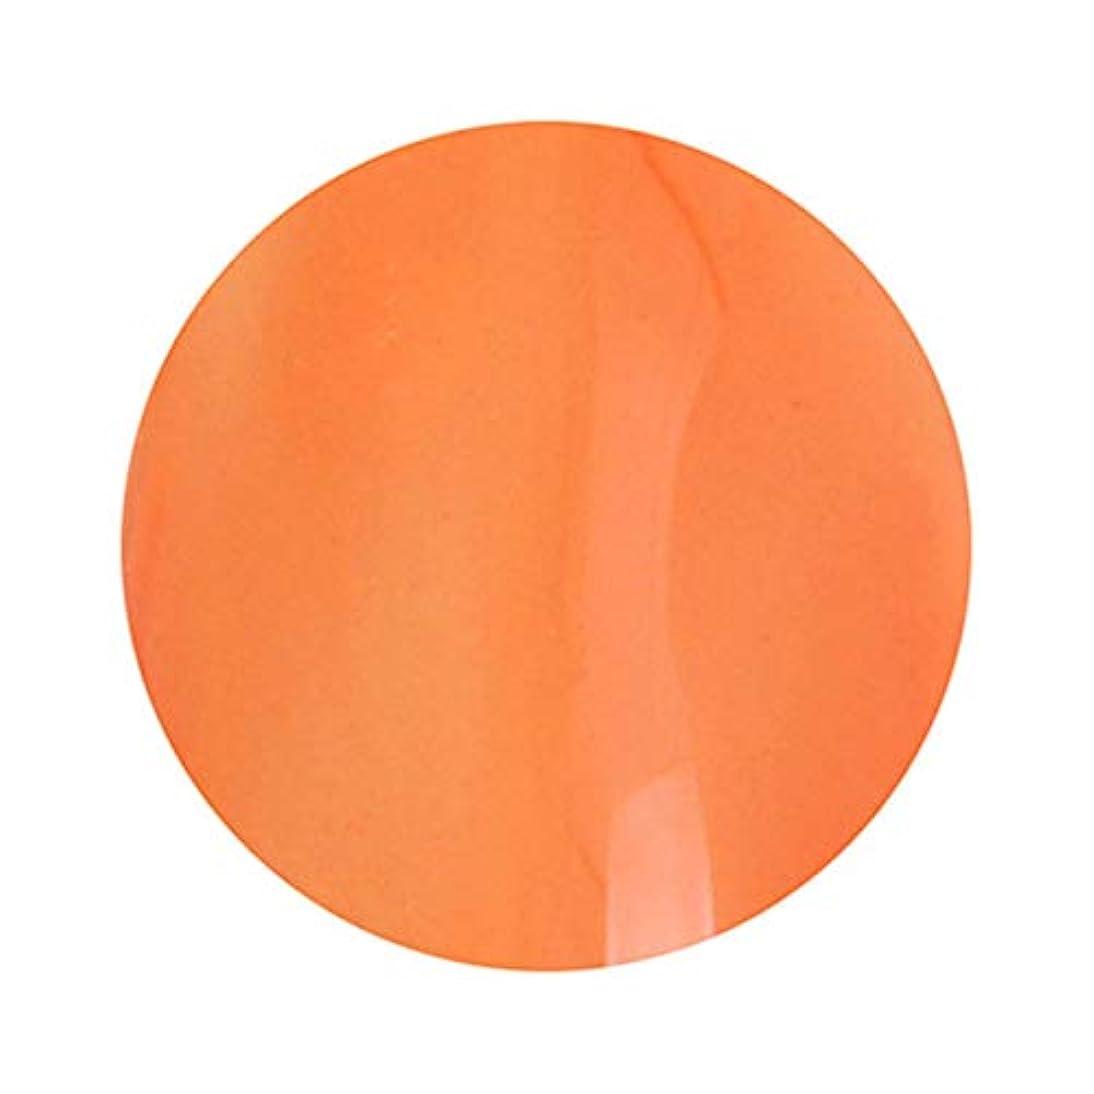 お手入れ欠席確認してくださいT-GEL COLLECTION ティージェルコレクション カラージェル D235 クリアダークオレンジ 4ml